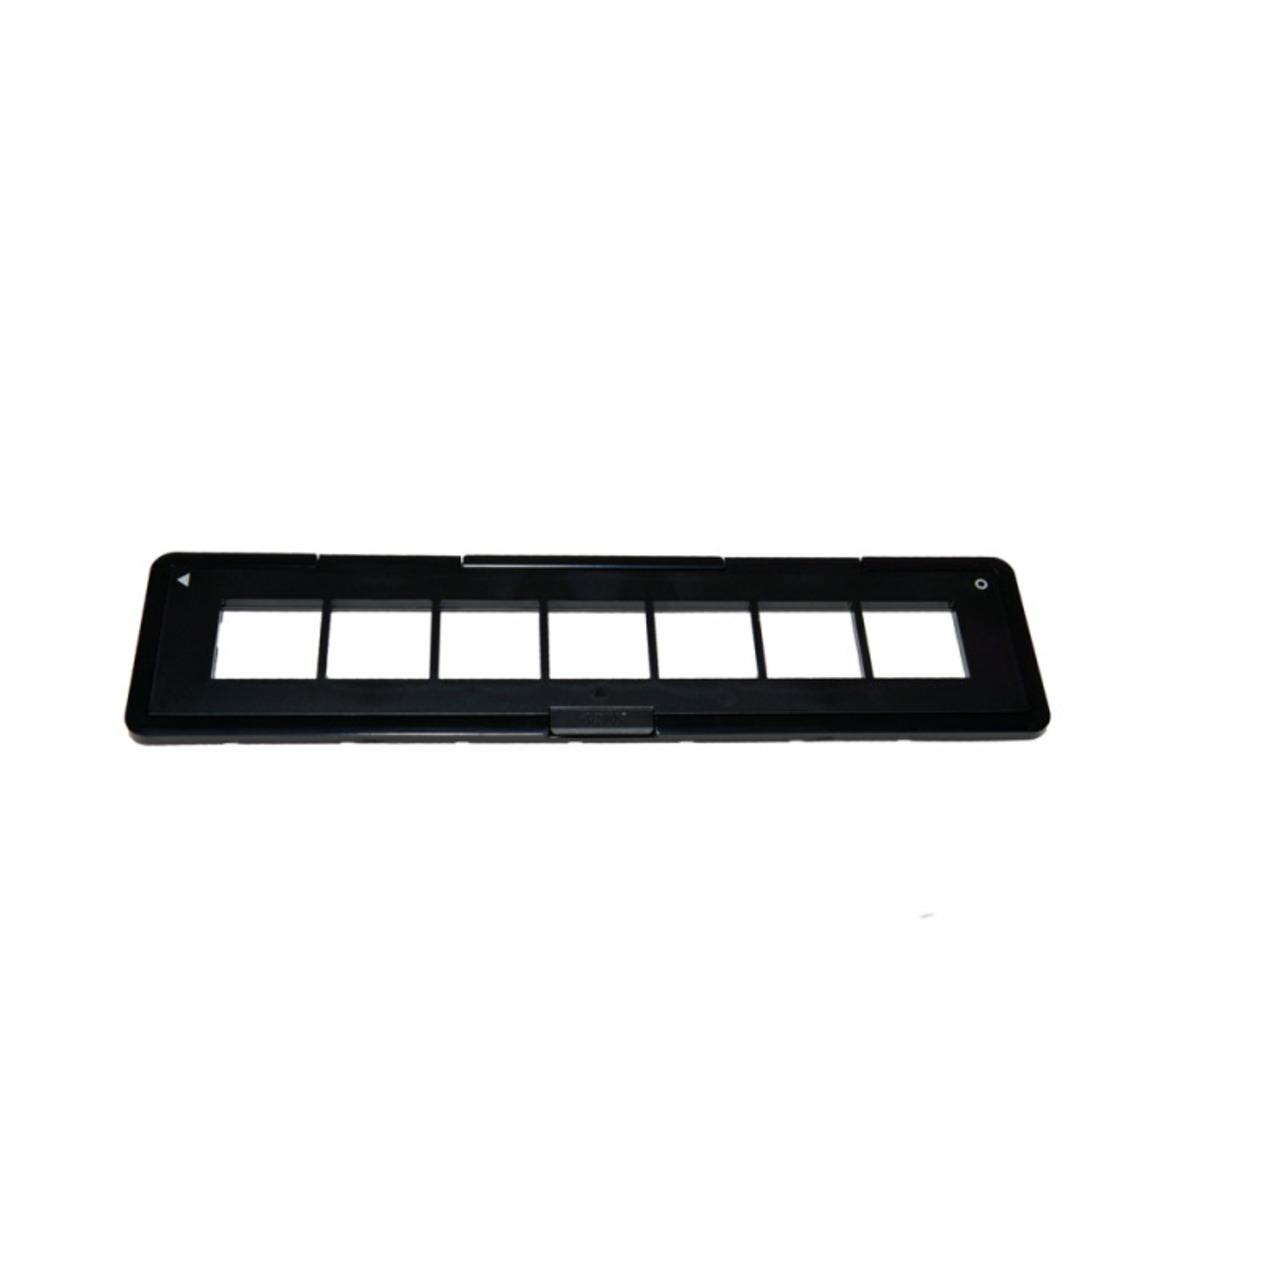 reflecta 126er-Instamatic-Halter - geeignet für x33-Scan- x22-Scan- x11-Scan- x10 Scan